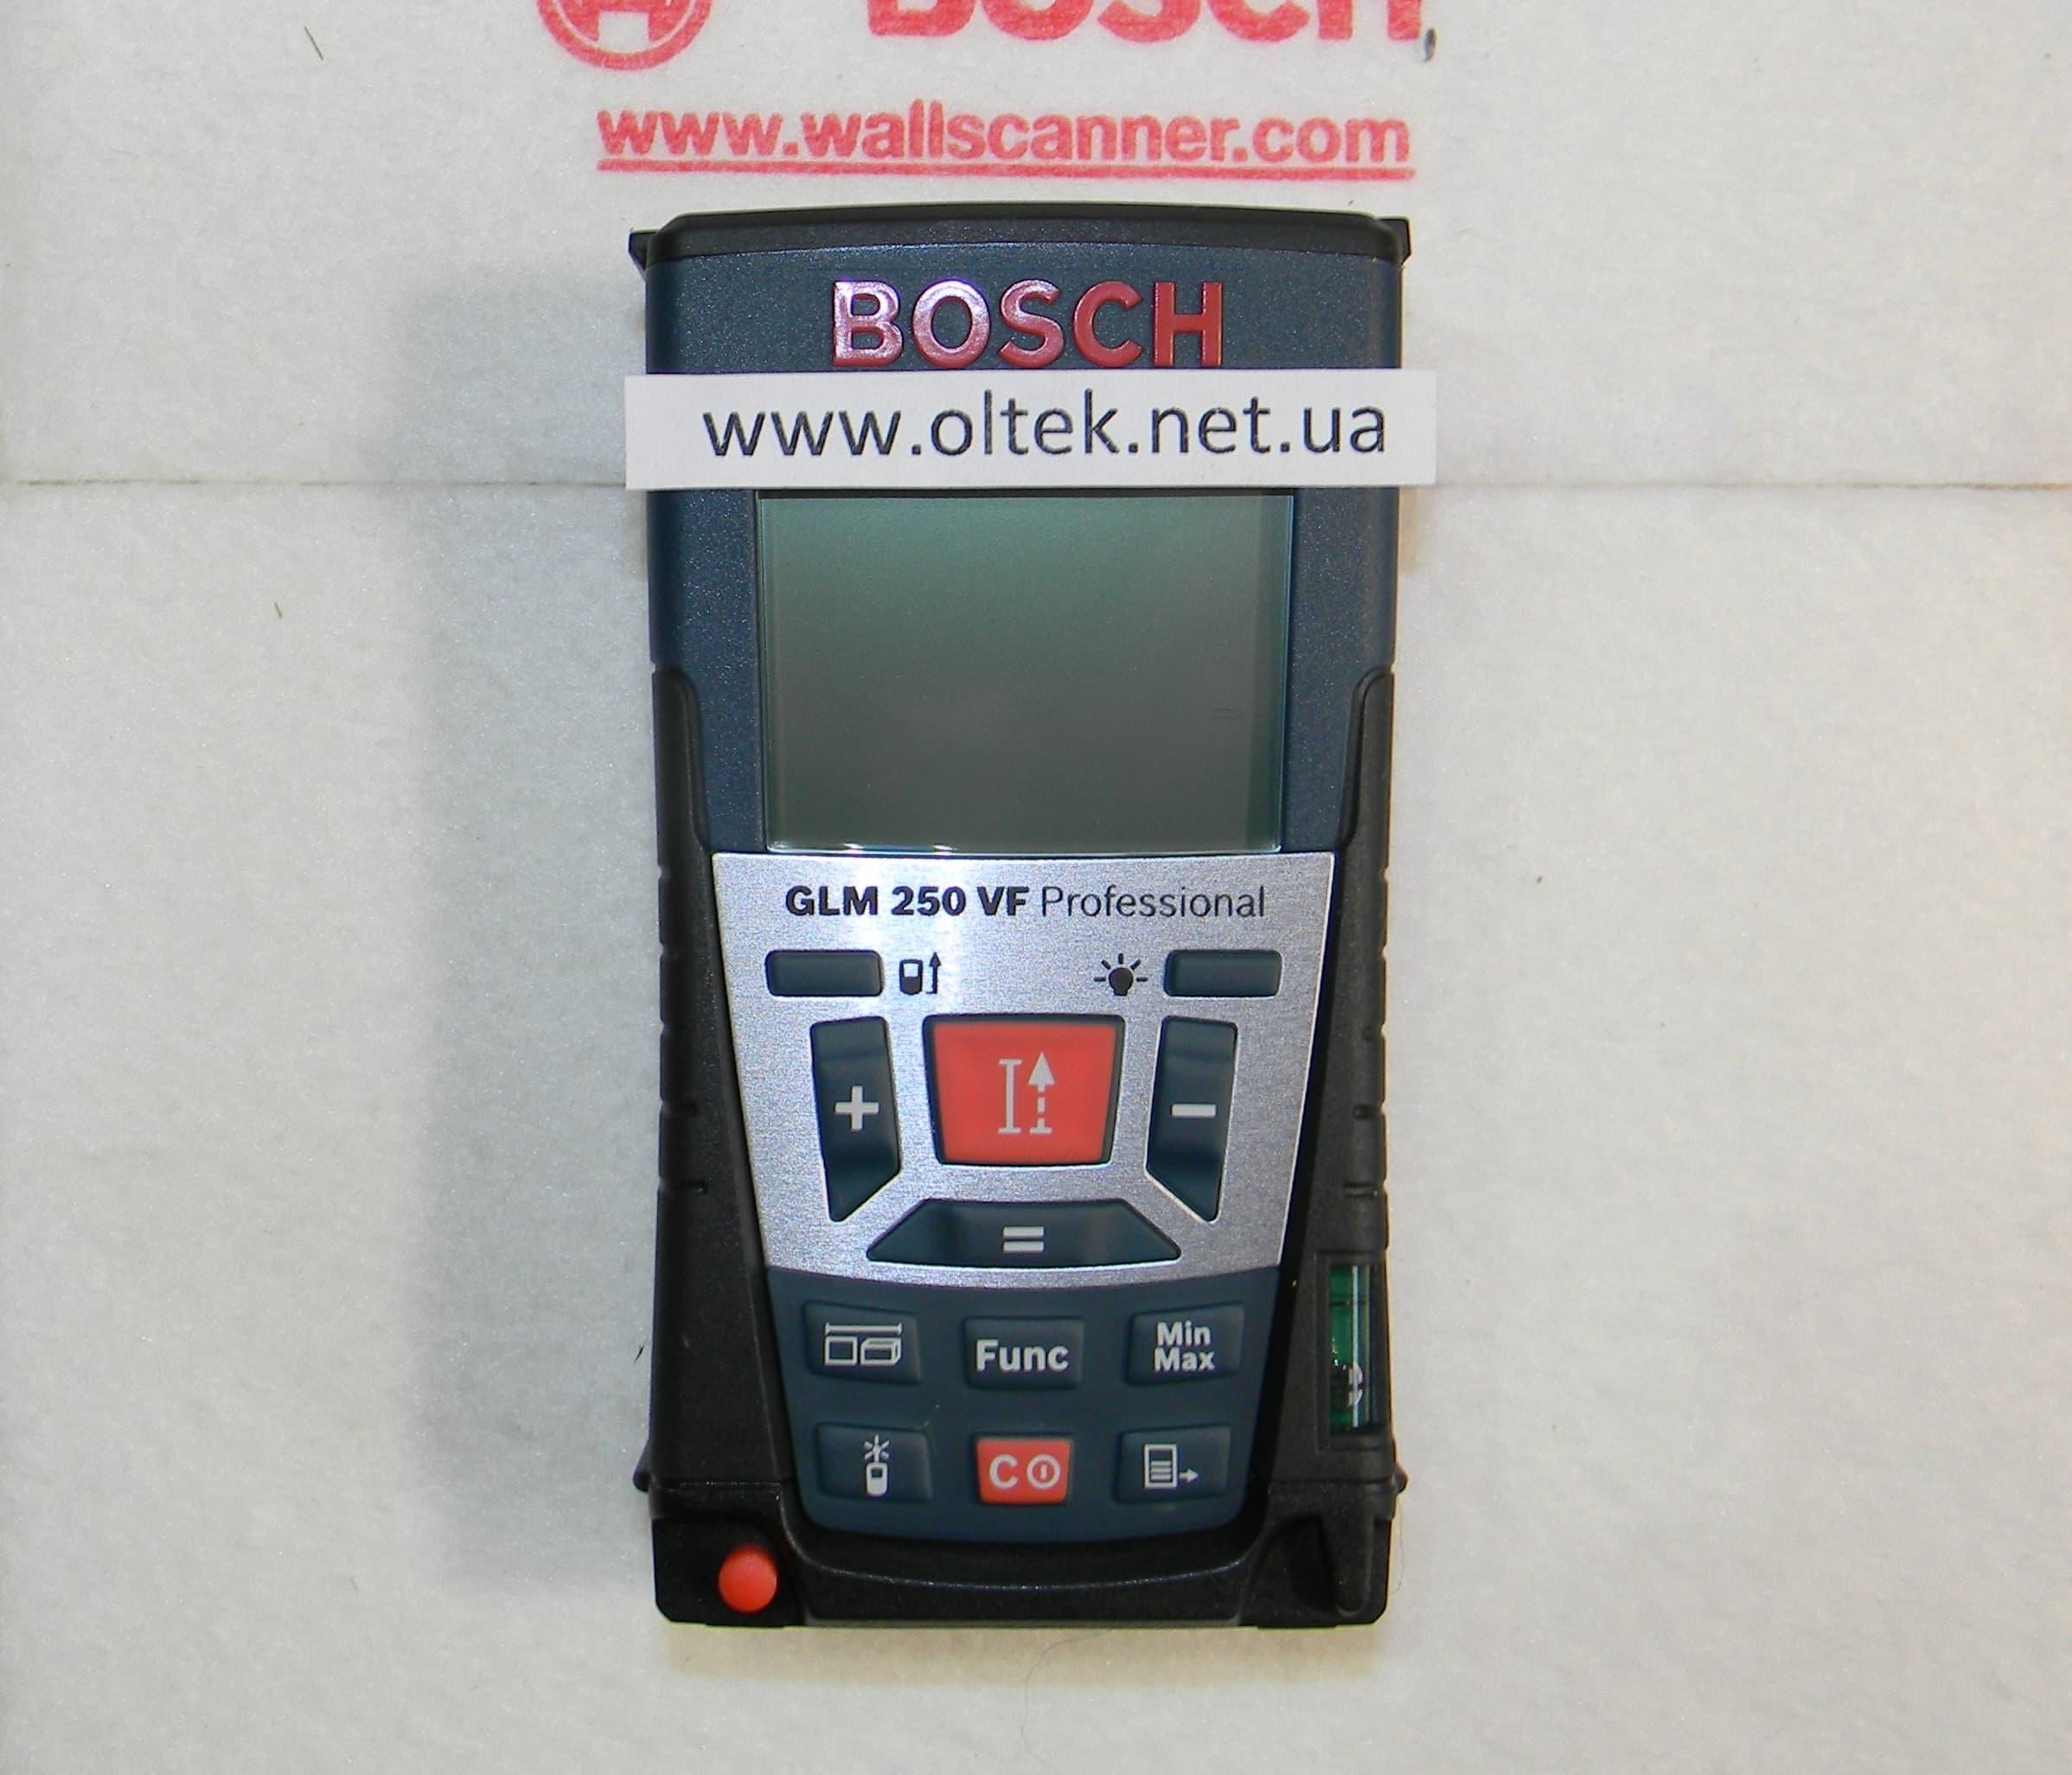 Bosch-GLM-250-VF